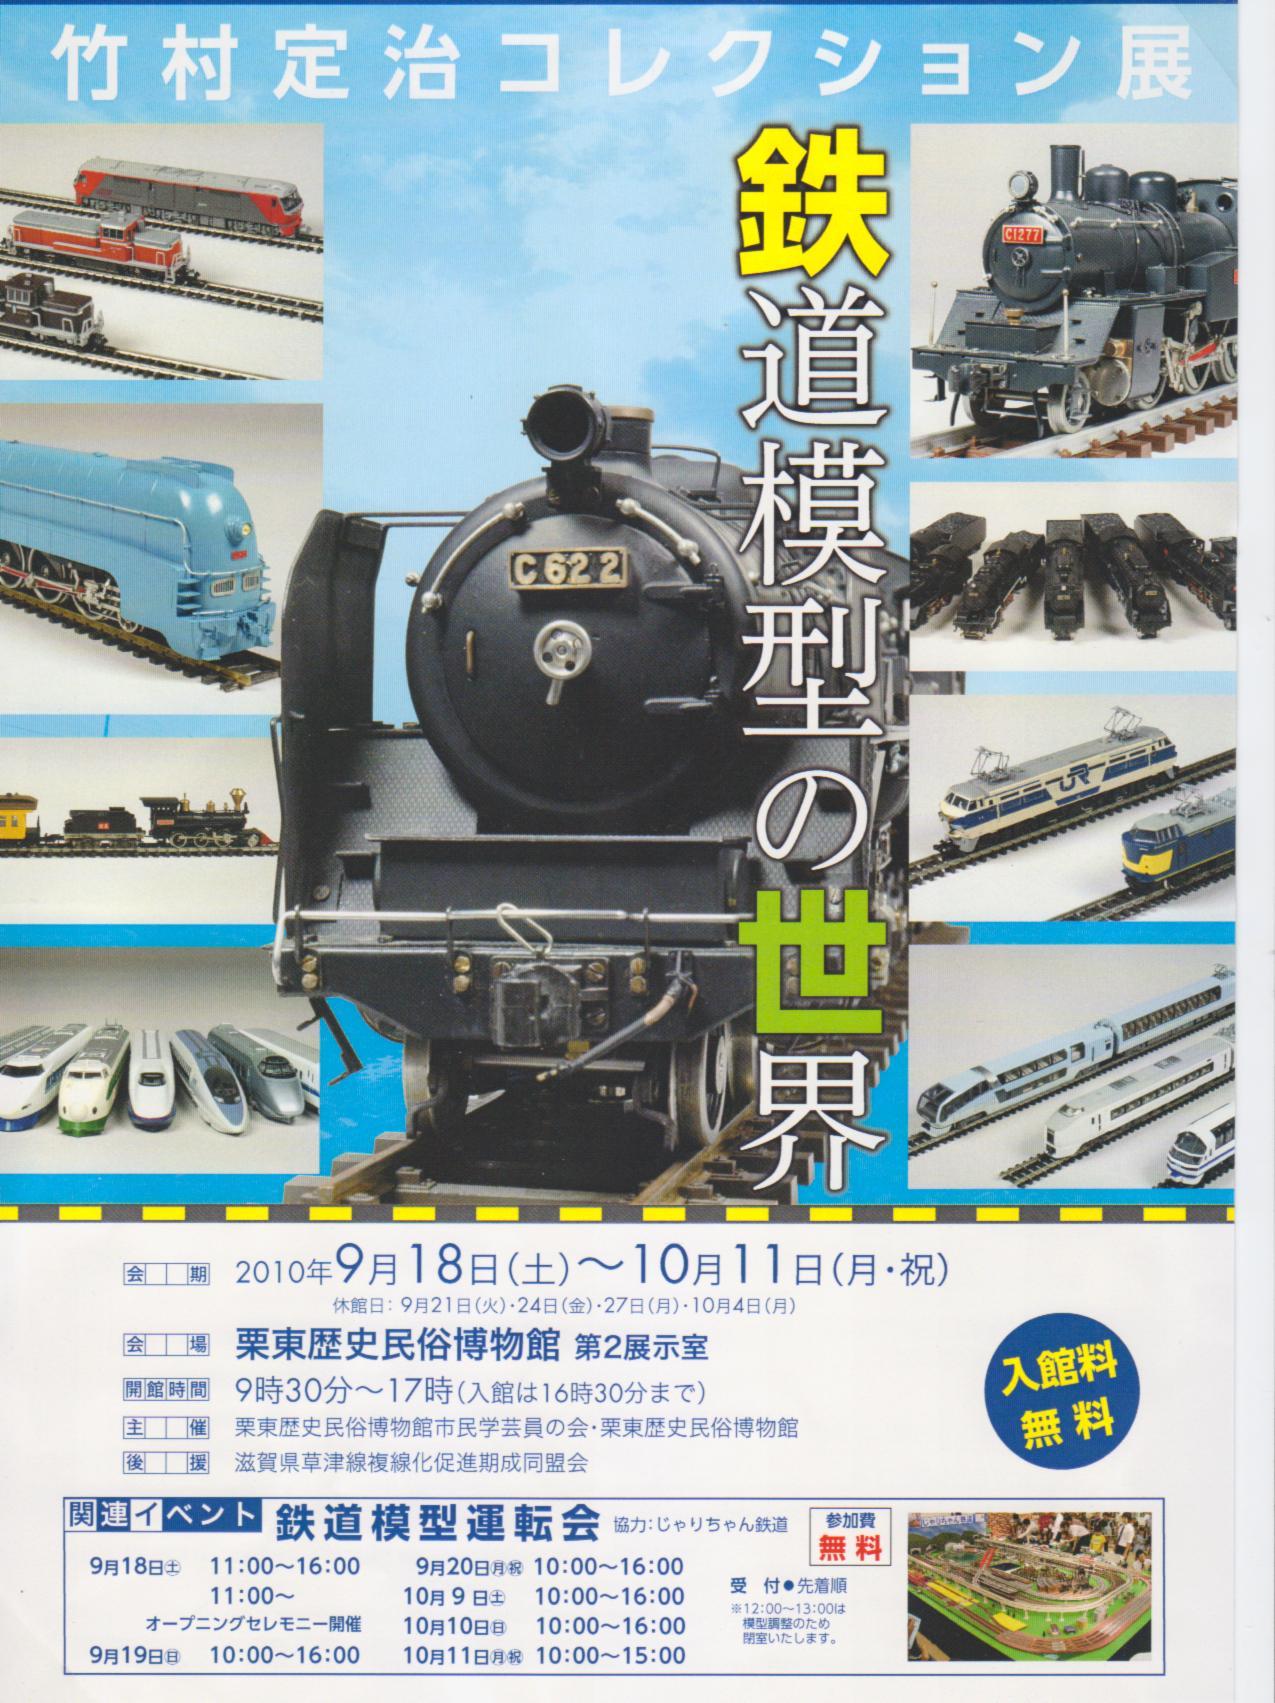 2010年9月 栗東歴史民俗博物館イベント 案内_a0066027_2046544.jpg